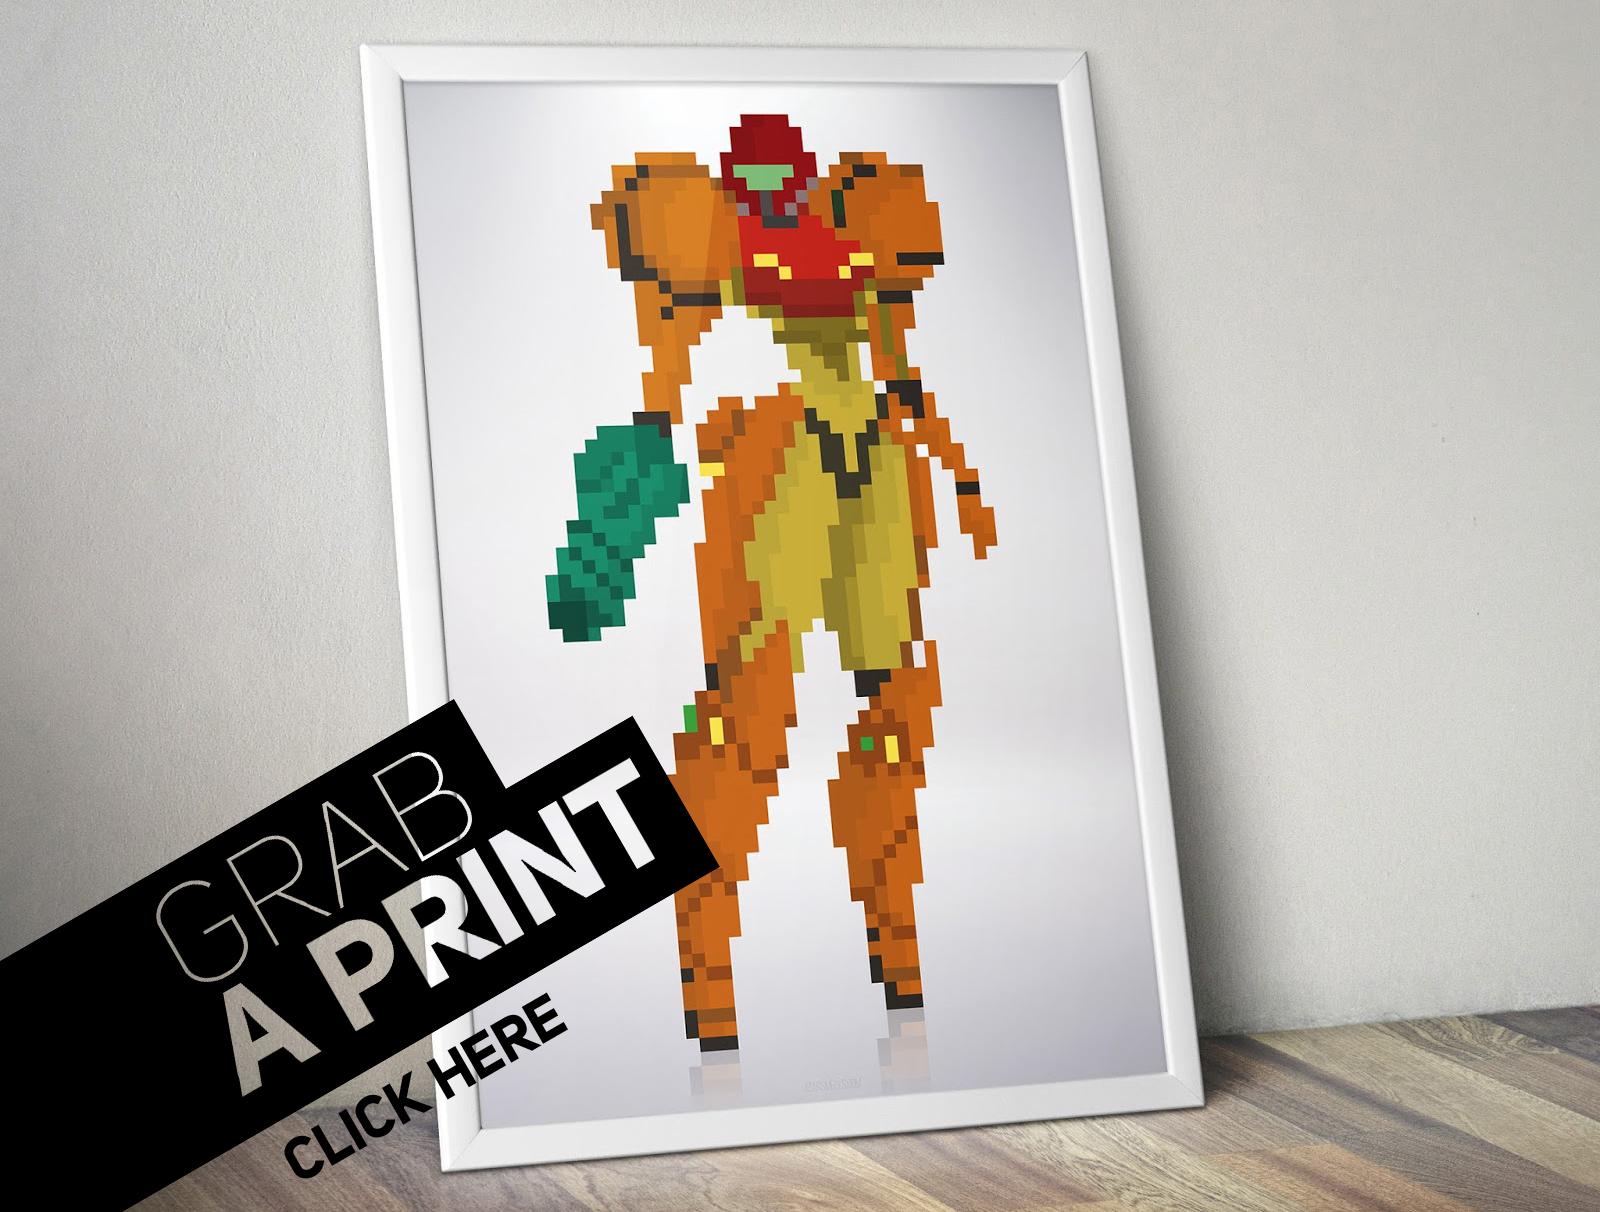 Poster-Fram-Metroid-Samus-Aran-nintendo-pixel-art-8bit